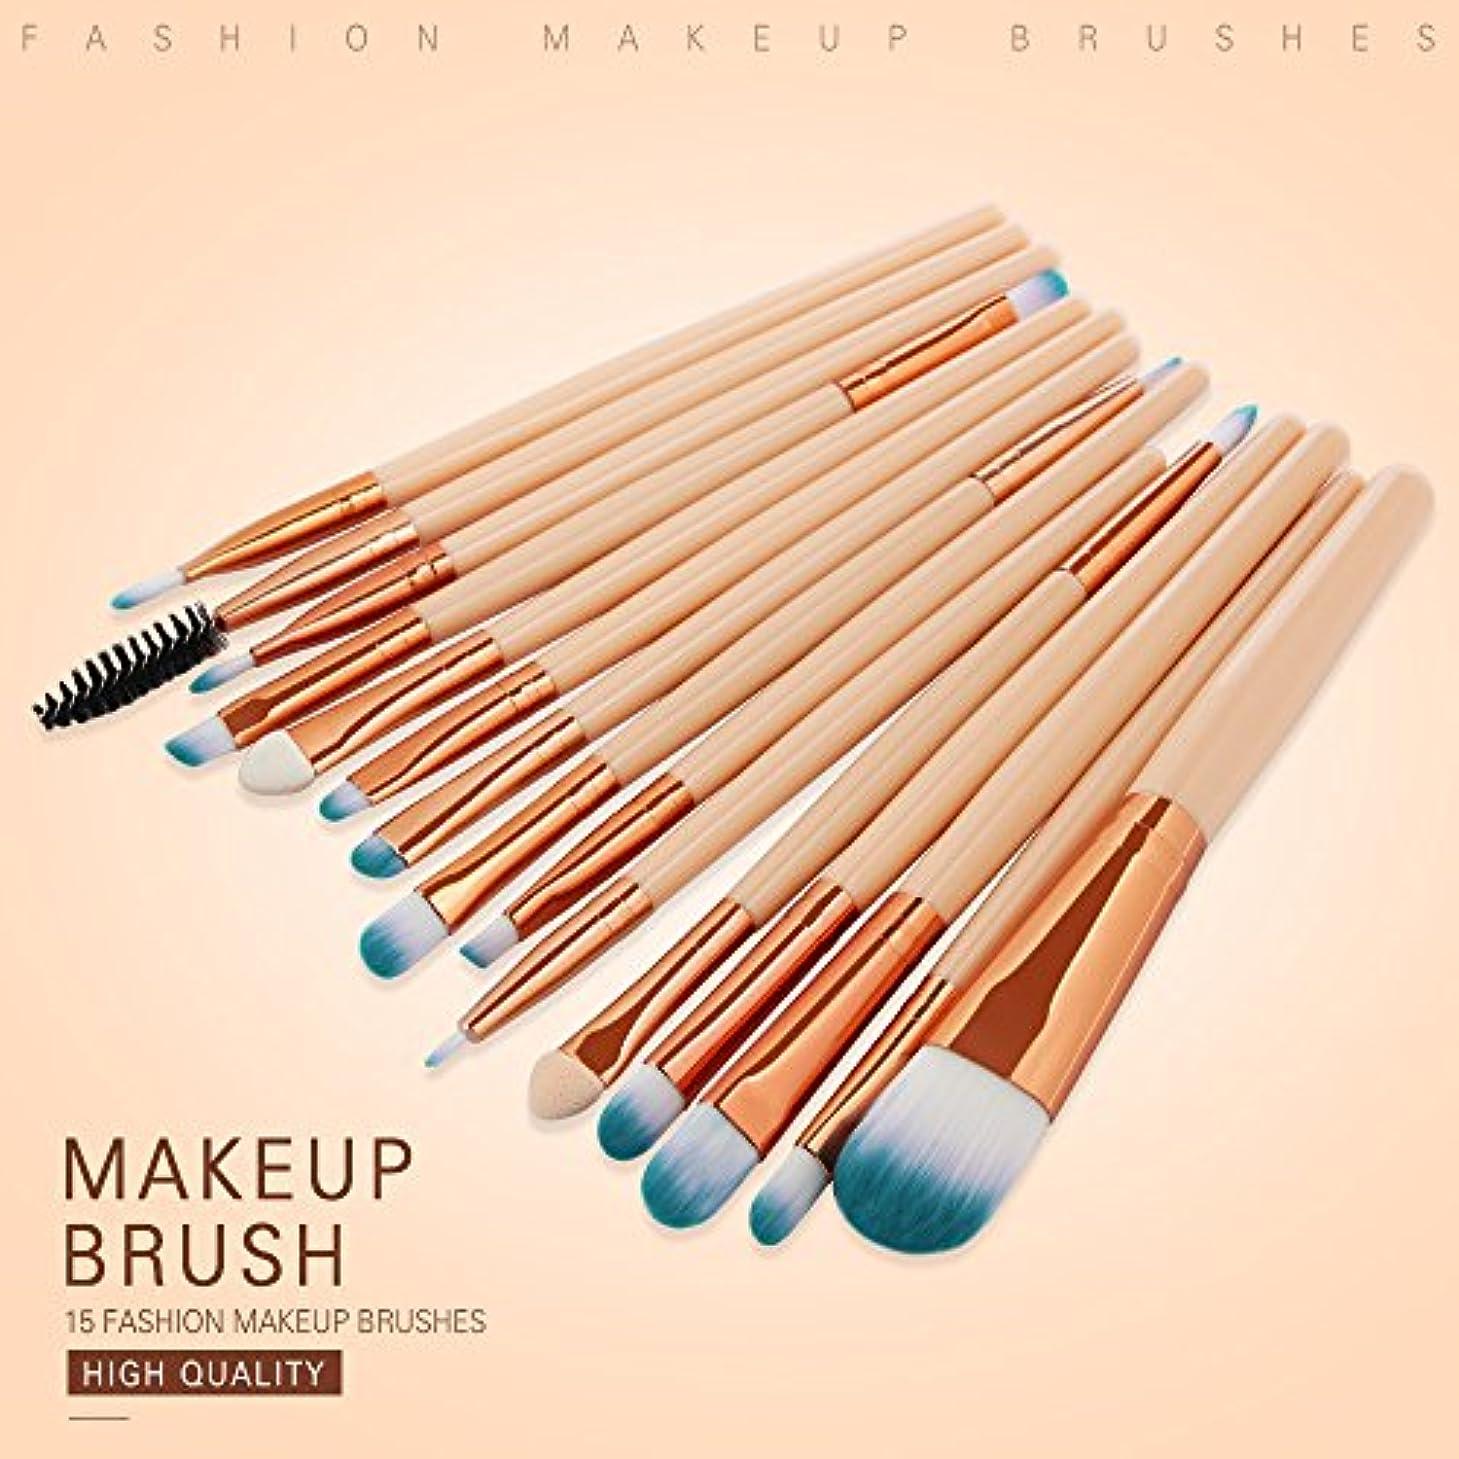 勢い見かけ上肌Akane 15本 MAANGE 新しい 高級 美感 おしゃれ 多機能 アイブラシ ファッション たっぷり 上等 綺麗 柔らかい 激安 日常 仕事 Makeup Brush メイクアップブラシ 5168